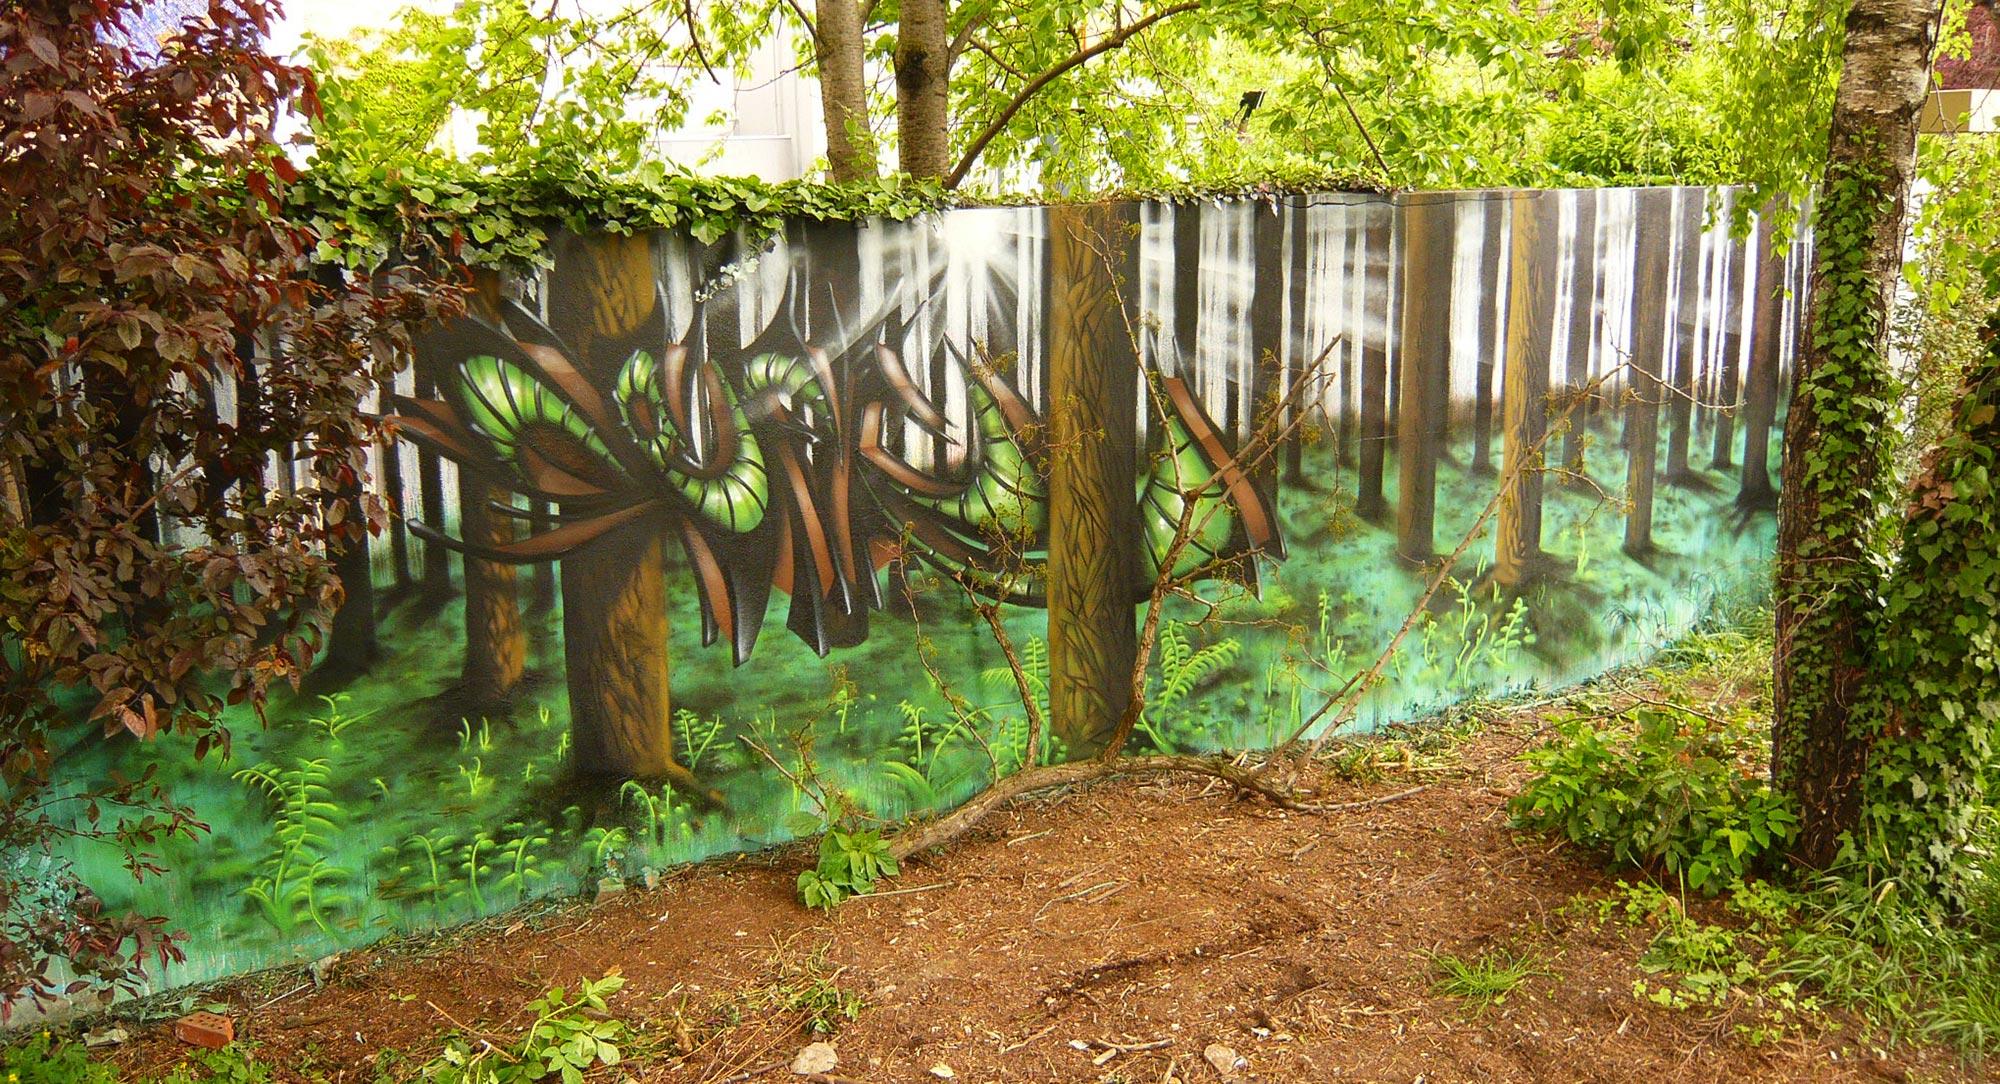 Epok & Deft - Deep Forest - Graffiti